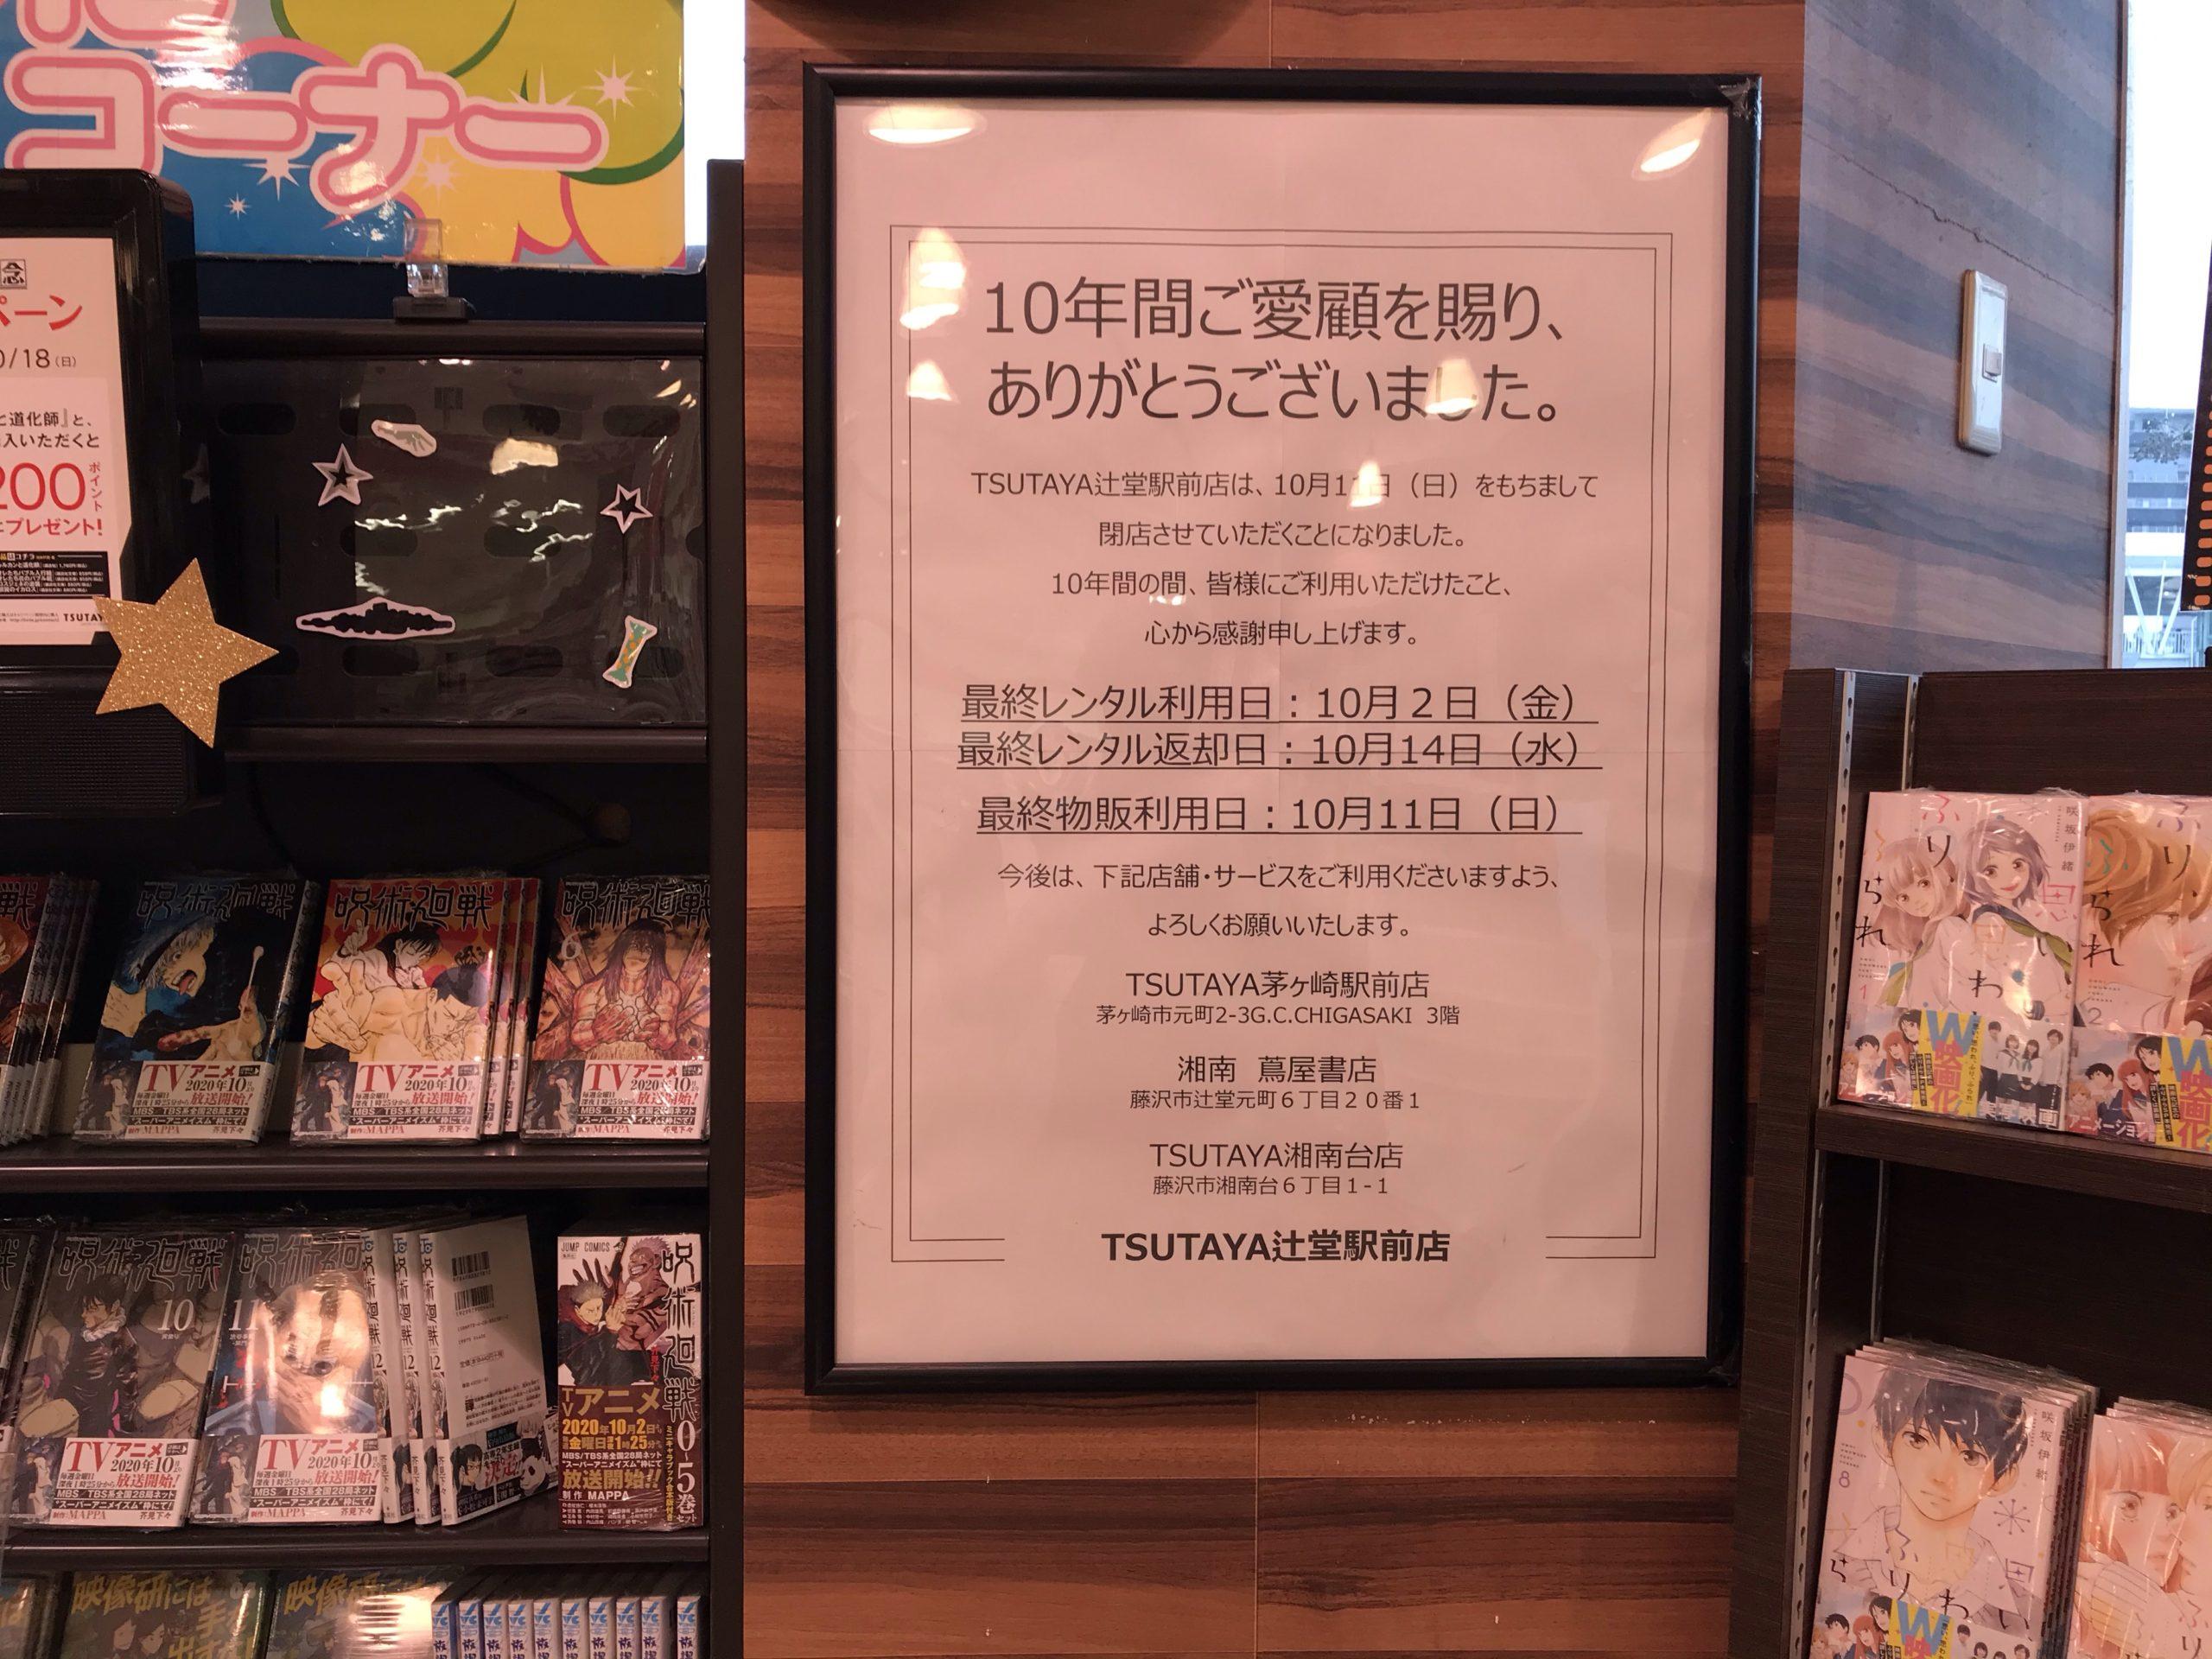 TSUTAYA辻堂駅前店 閉店スケジュール